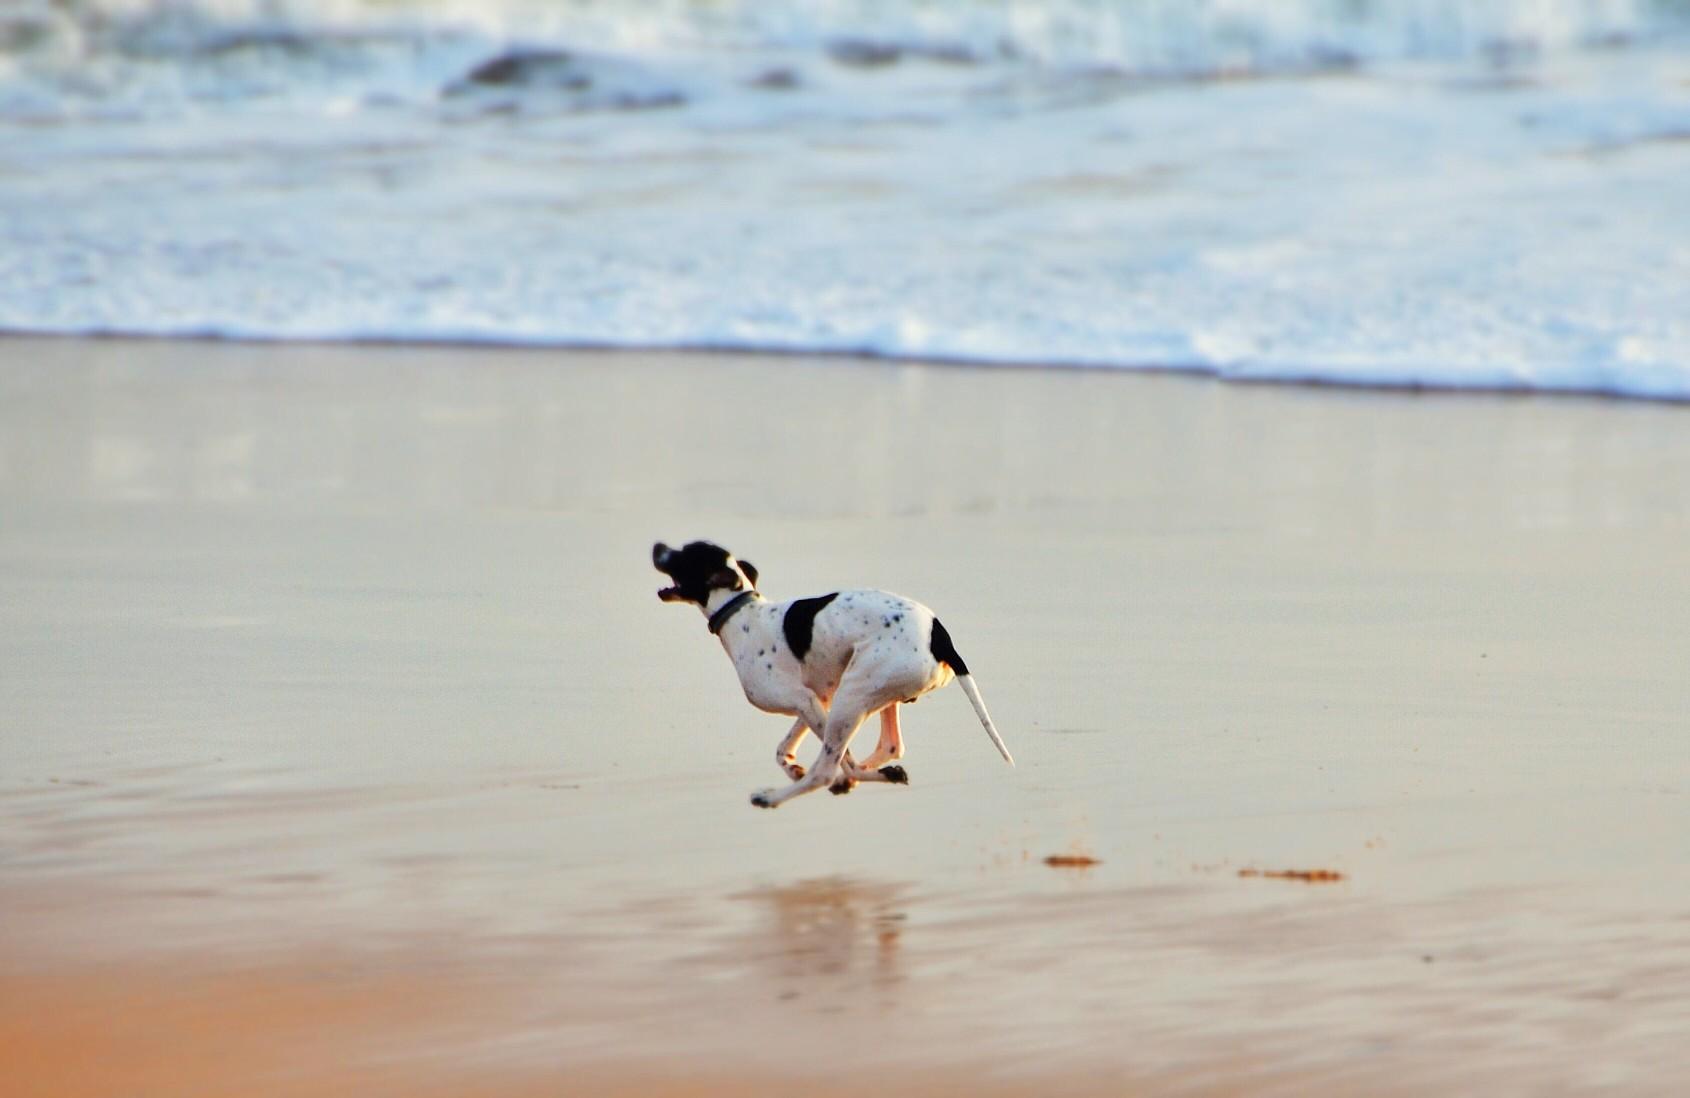 Urlaub in Dänemark – ein riesiges Vergnügen für jeden Hund. Foto: joao.soares.315 via Twenty20